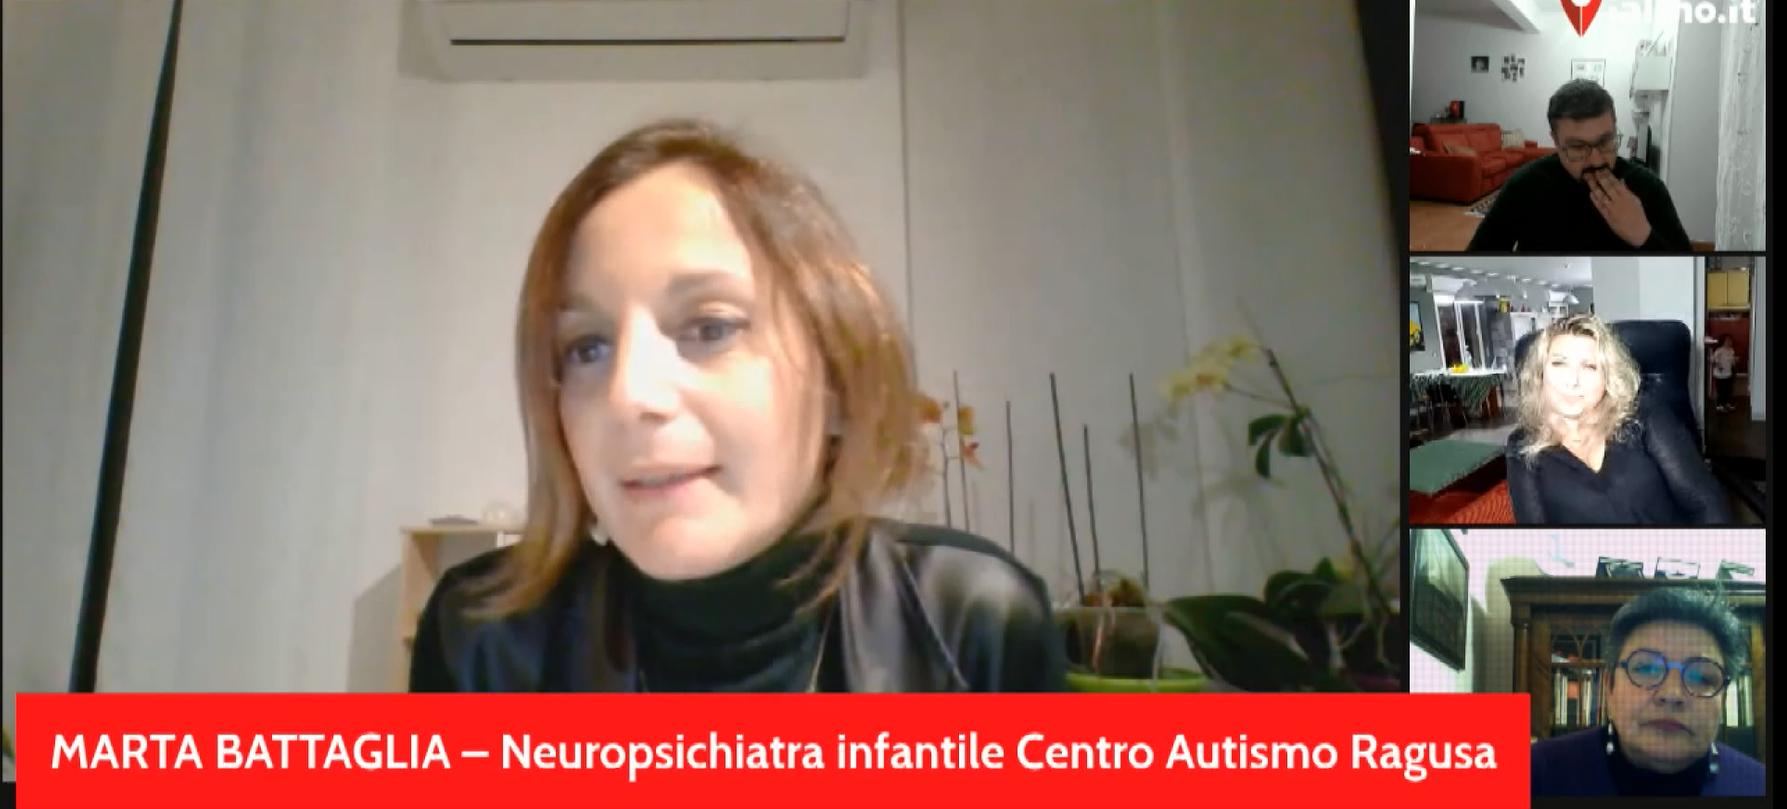 Marta Battaglia - Centro Autismo Ragusa